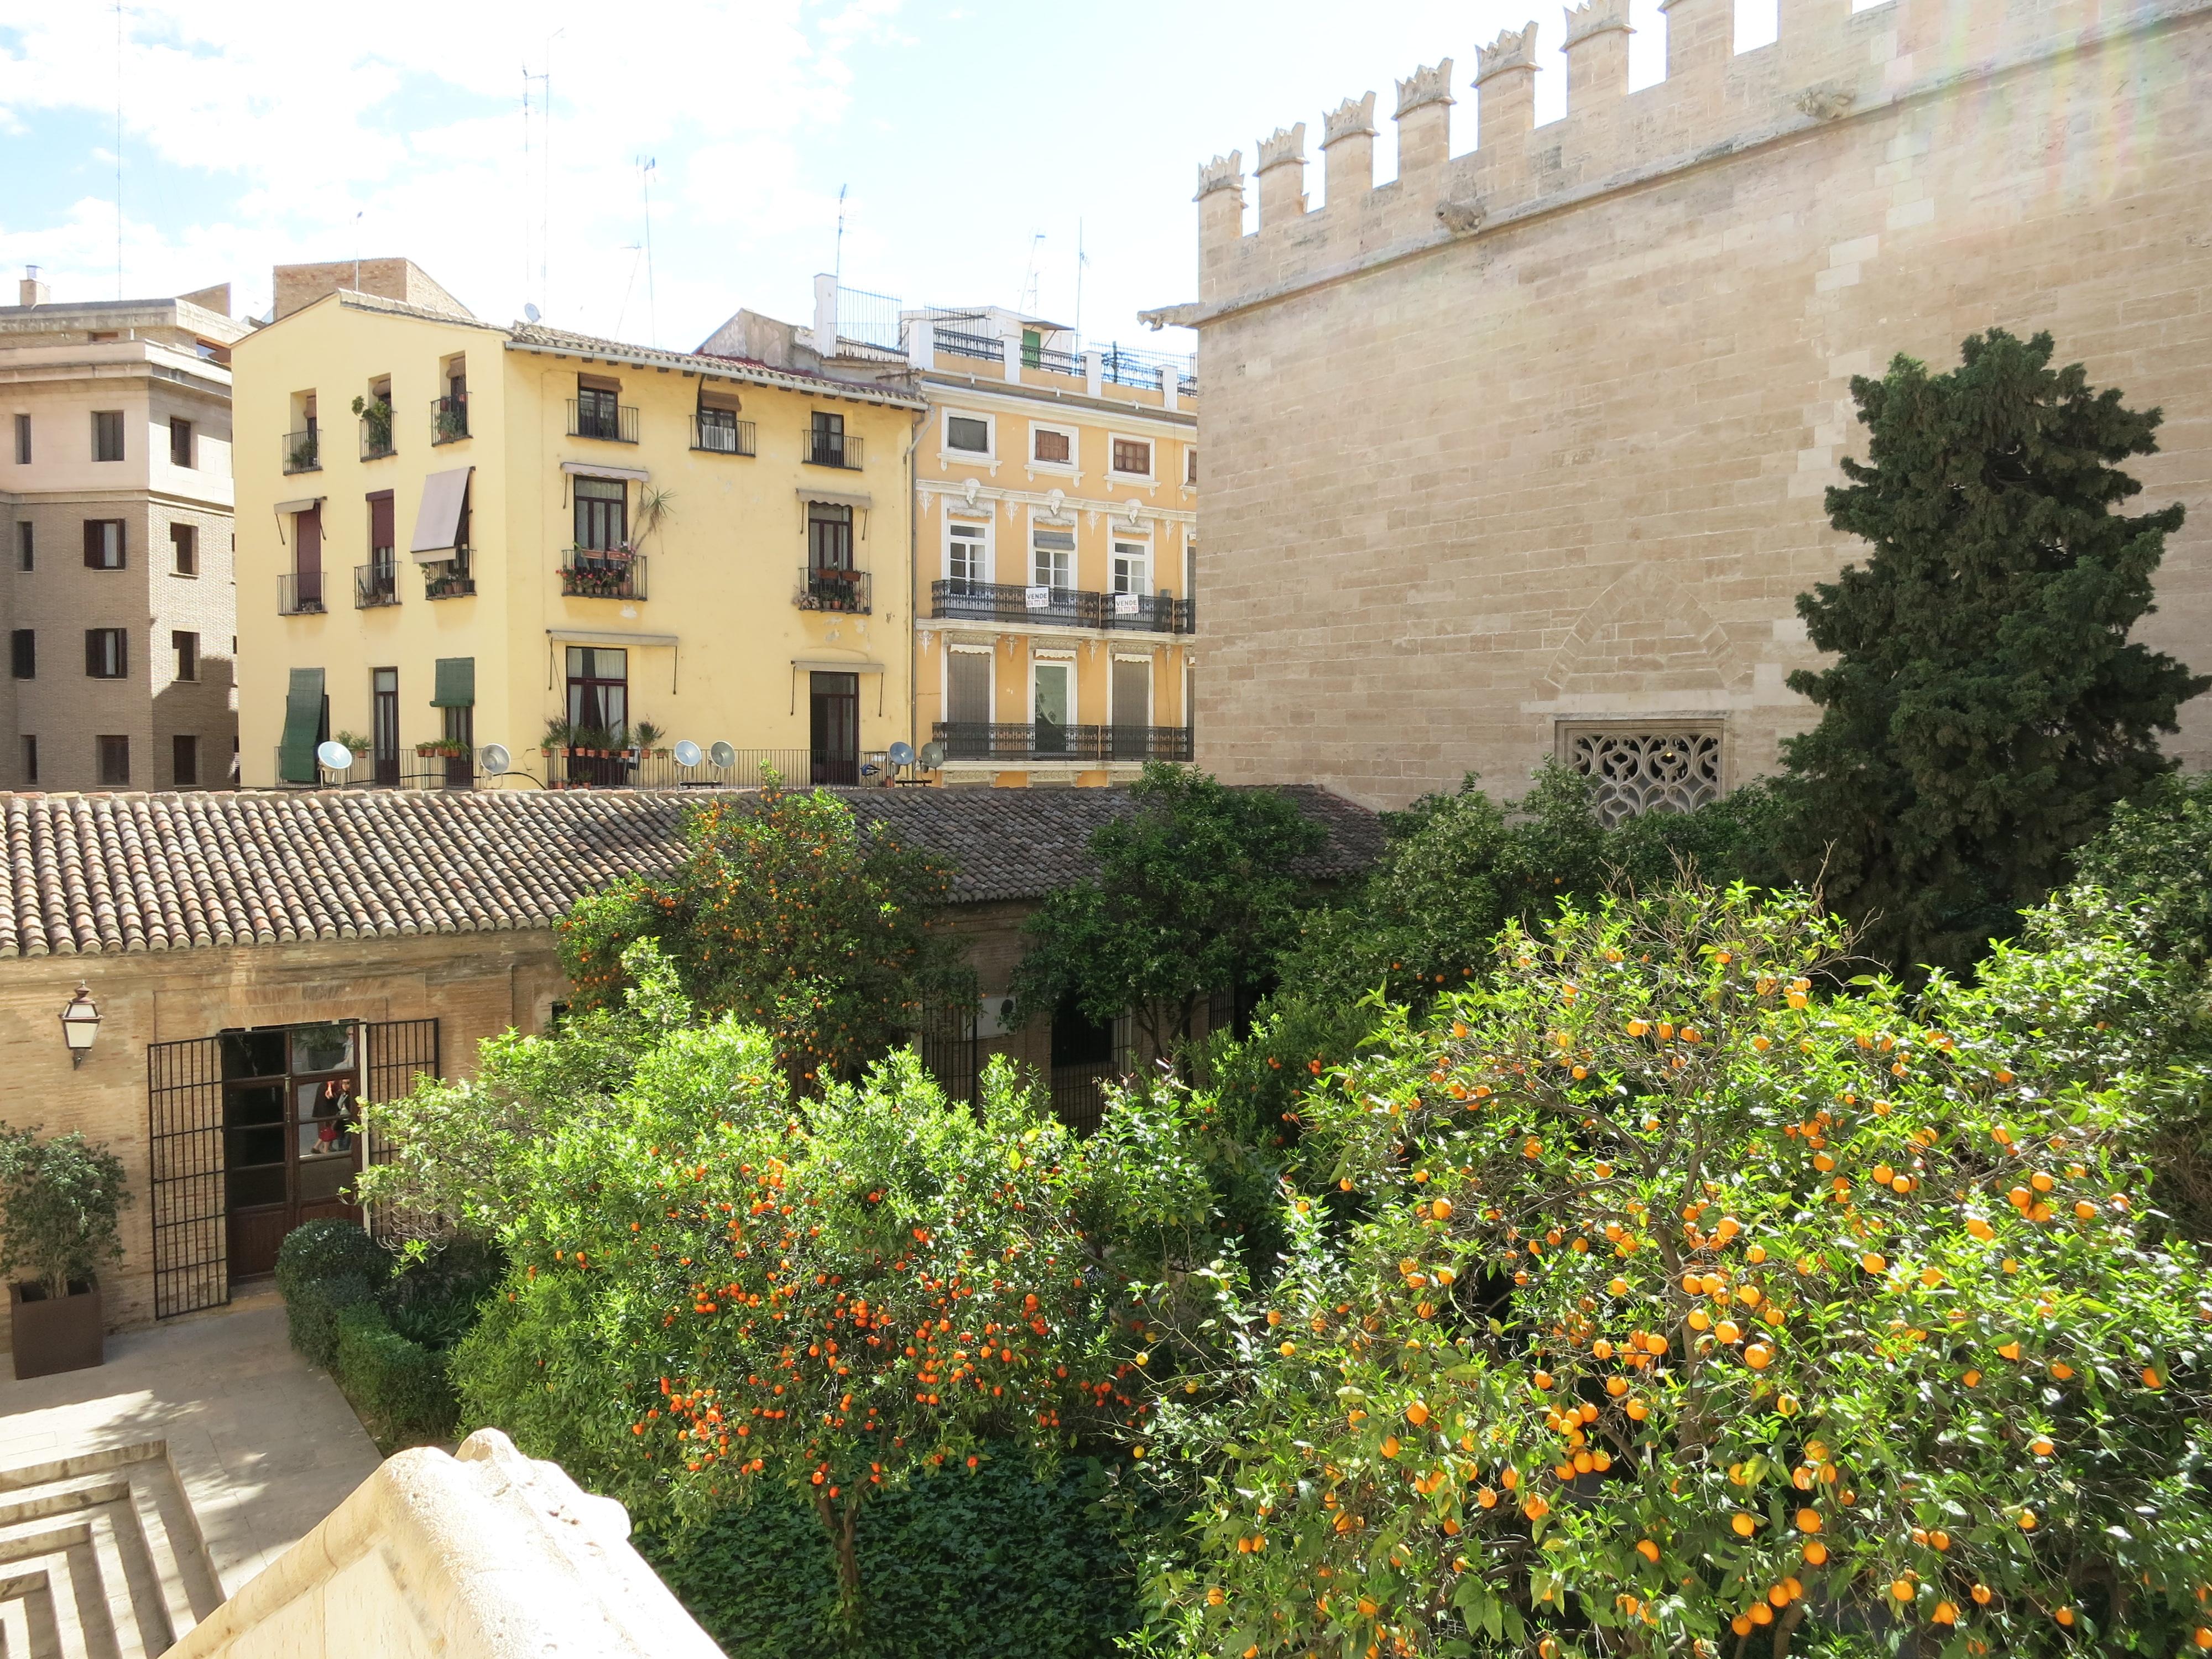 IMG_4947_オレンジが植えられている街並み。ーバレンシアの世界遺産:ラ・ロンハ・デ・ラ・セダよりー